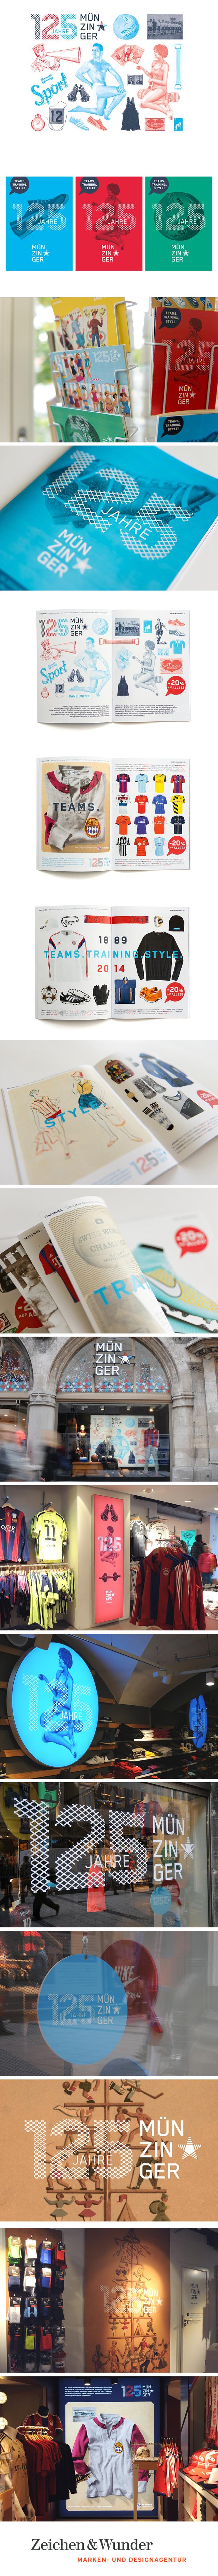 """SPORT MÜNZINGER / """"125 Jahre"""" Jubiläumskampagne / #Retro #Illustration #Collage #Sportswear / by Zeichen & Wunder, München"""